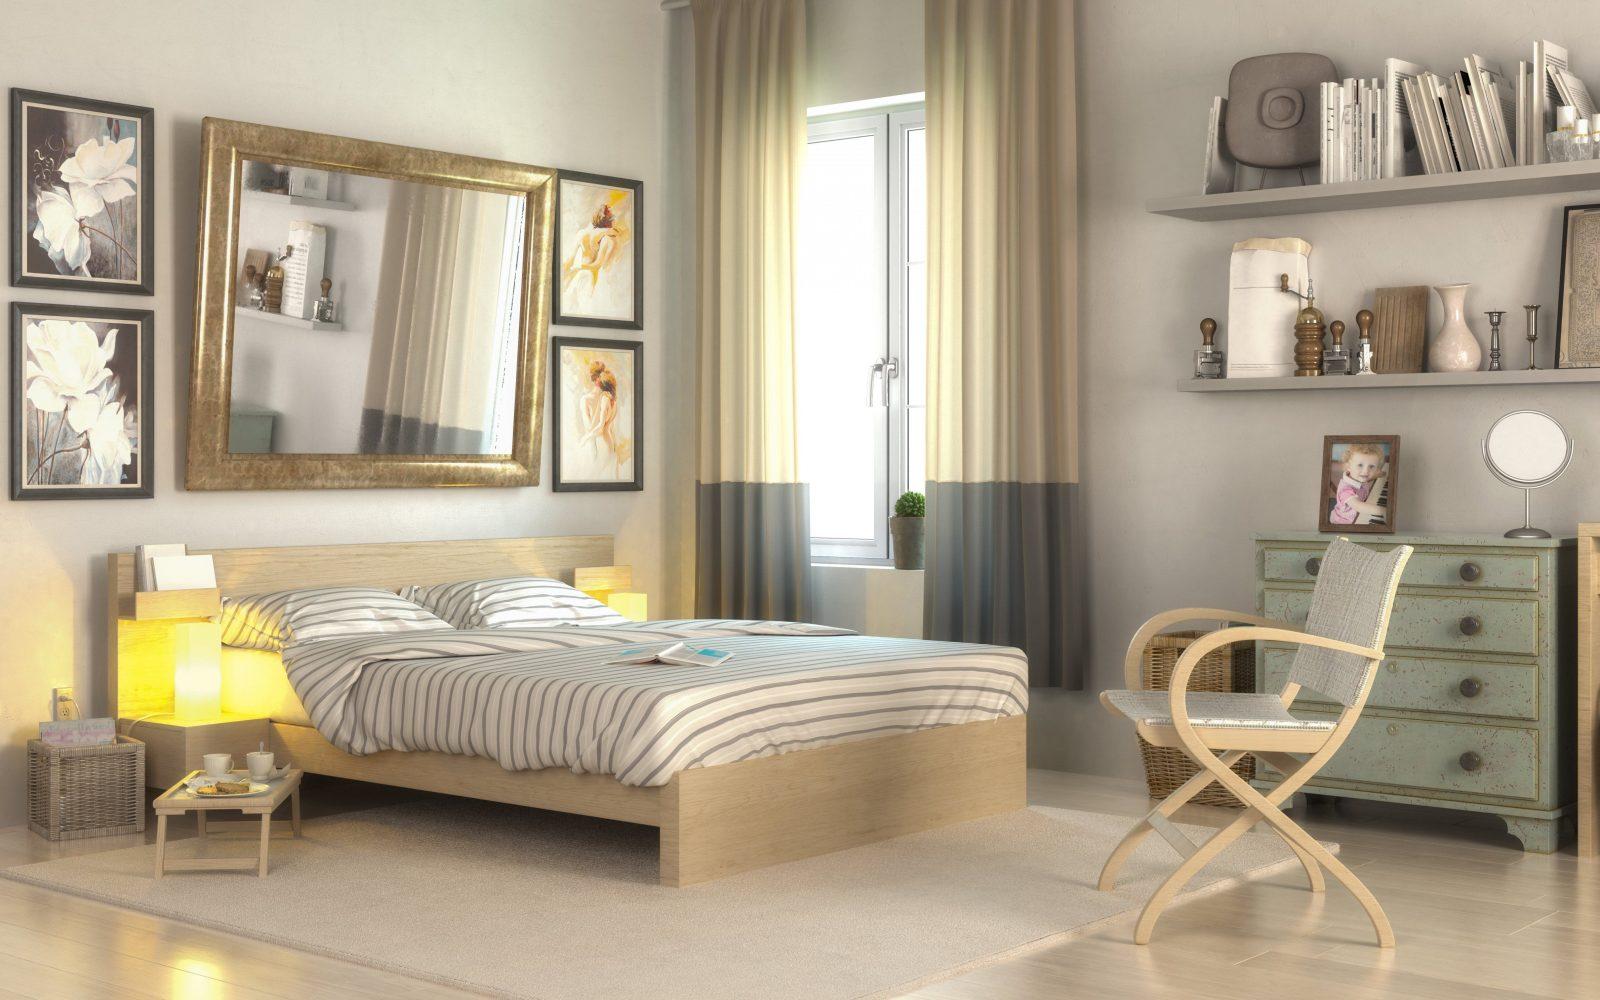 Kleines Schlafzimmer Optimal Einrichten  8 Ideen Vorgestellt von Kleines Schlafzimmer Einrichten Beispiele Photo